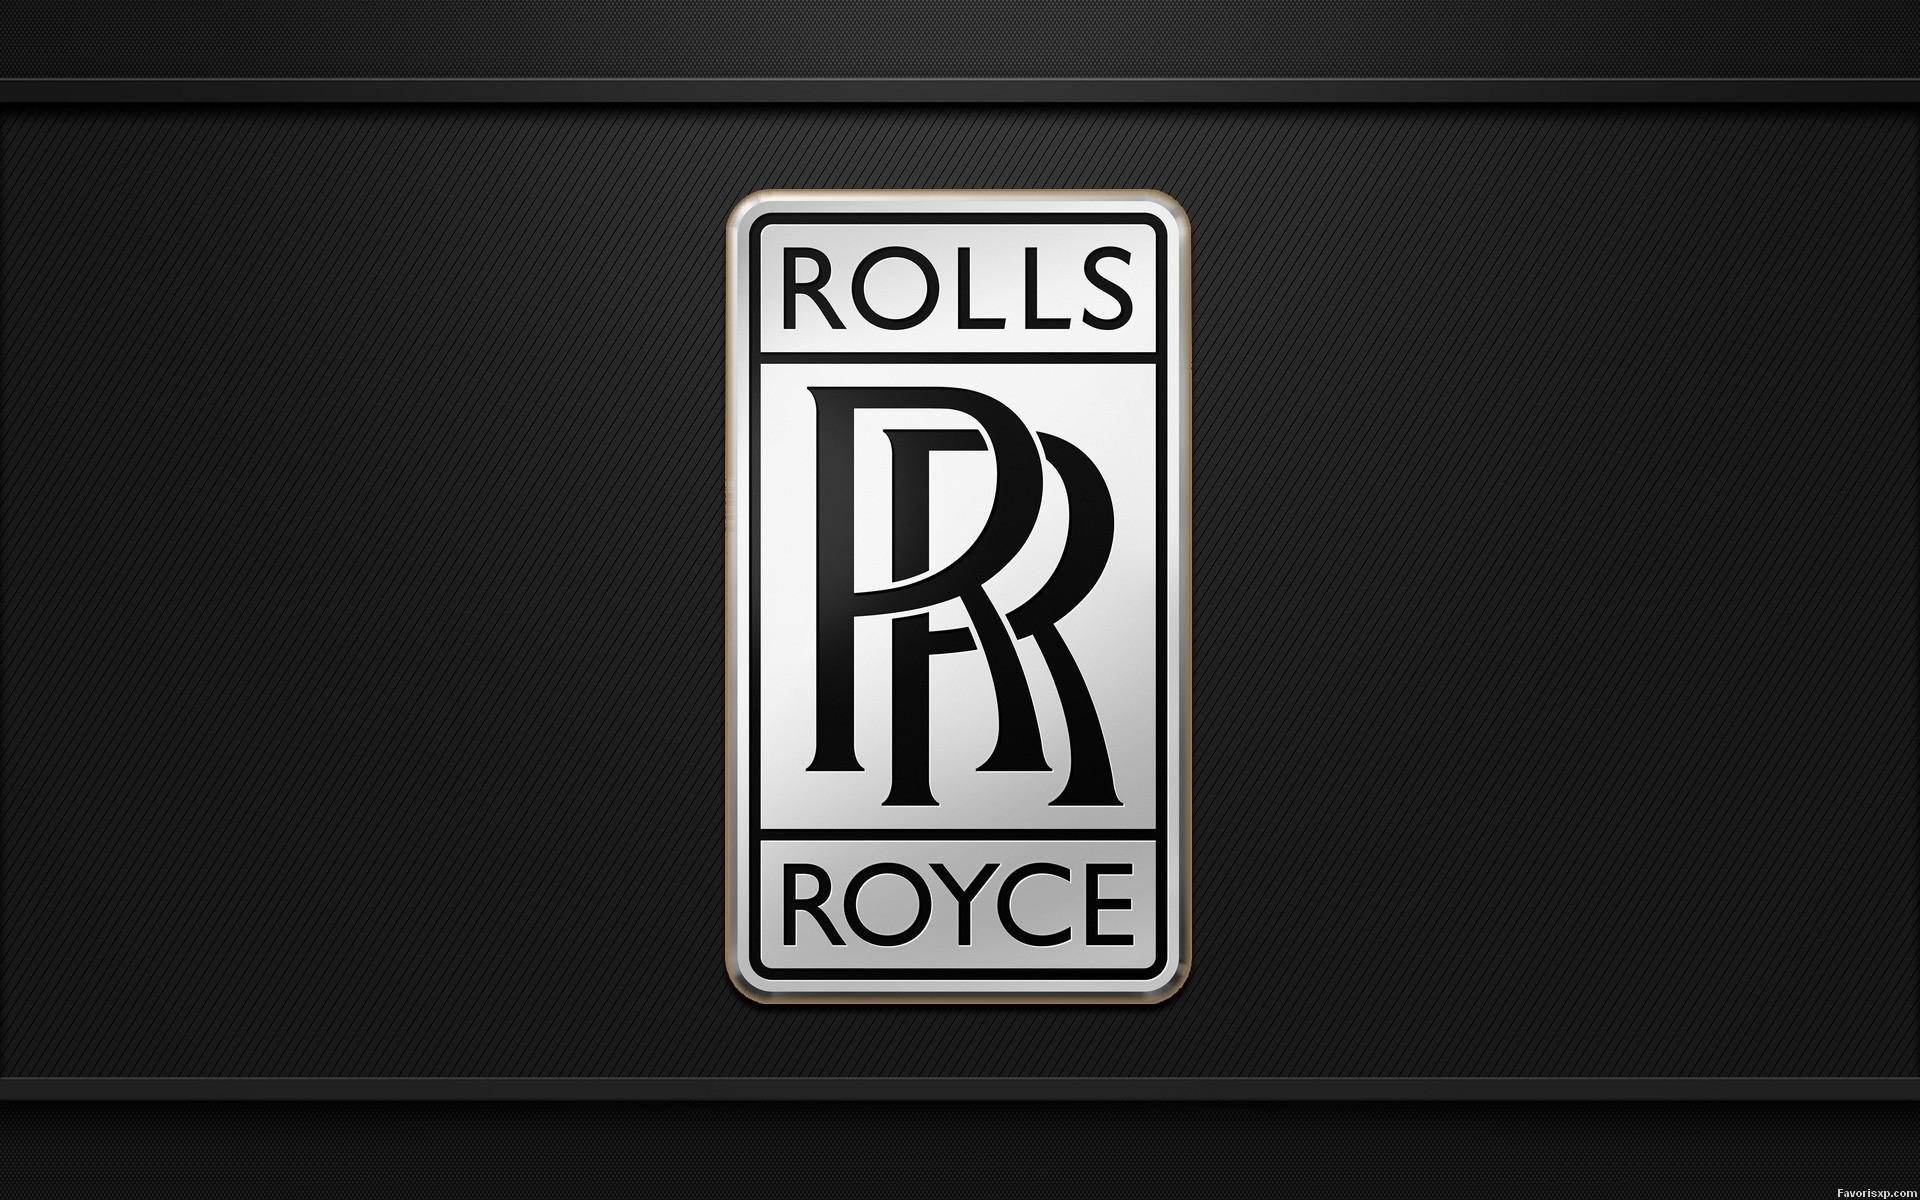 rolls royce logo - HD1920×1200